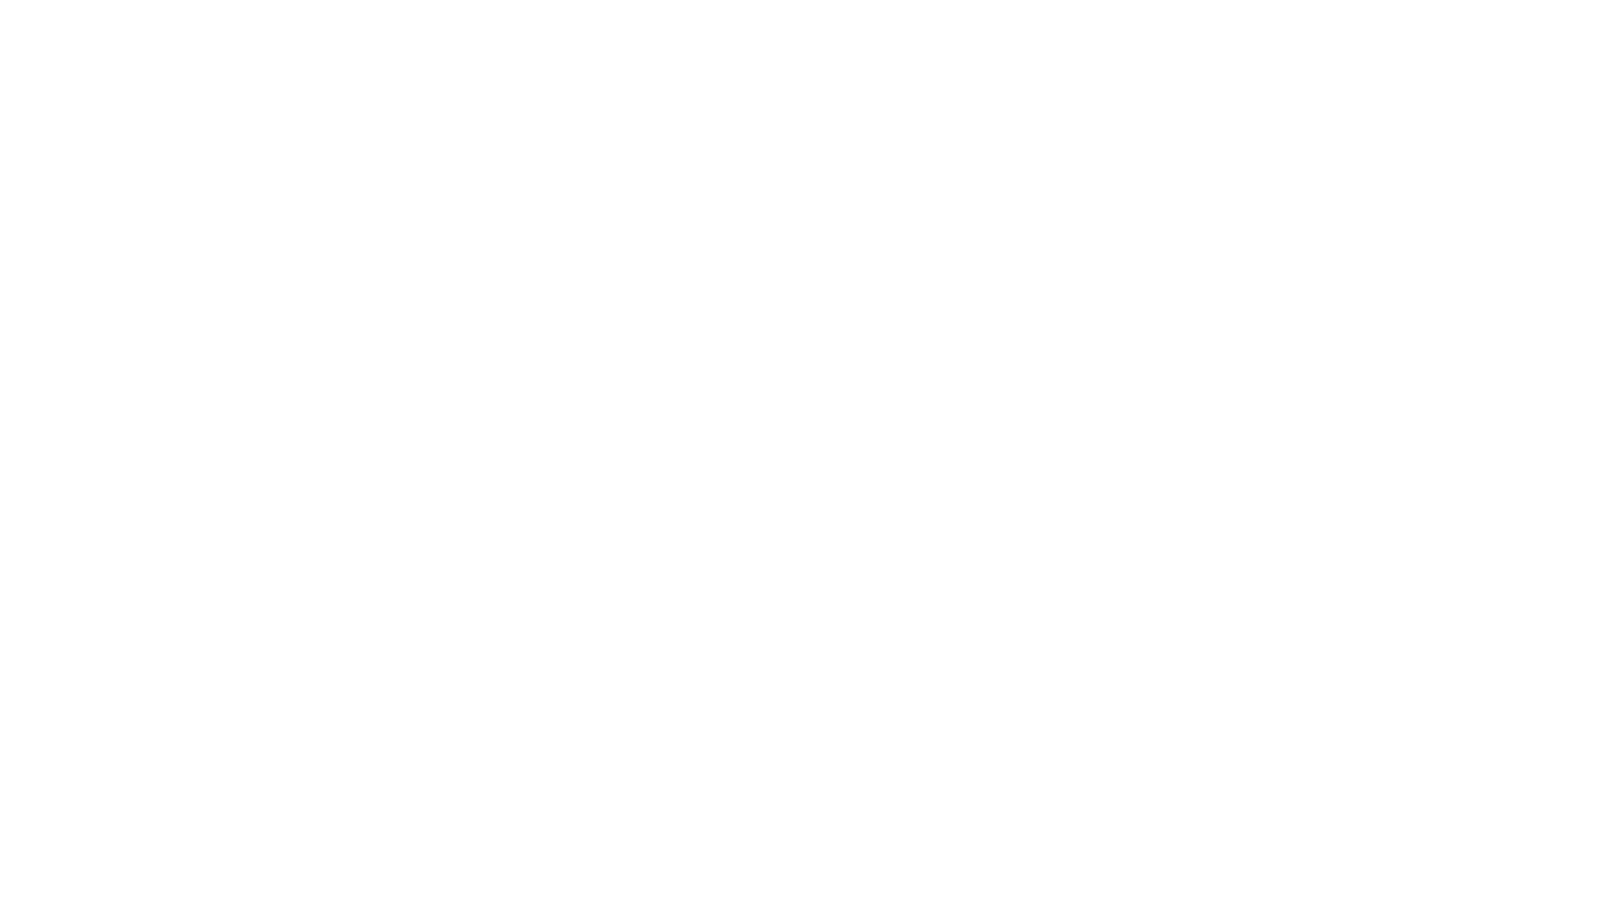 Entrevista con Evjeny Sajarov, tercer secretario de la Embajada de Rusia en México, para el programa Misión mundial transmitido por ASTL.TV (wwwastl.tv) a cargo del conductor invitado Raúl Angeles y el conductor titular, Ernesto González-Galves.                 Mayo-08.2020 CDMX